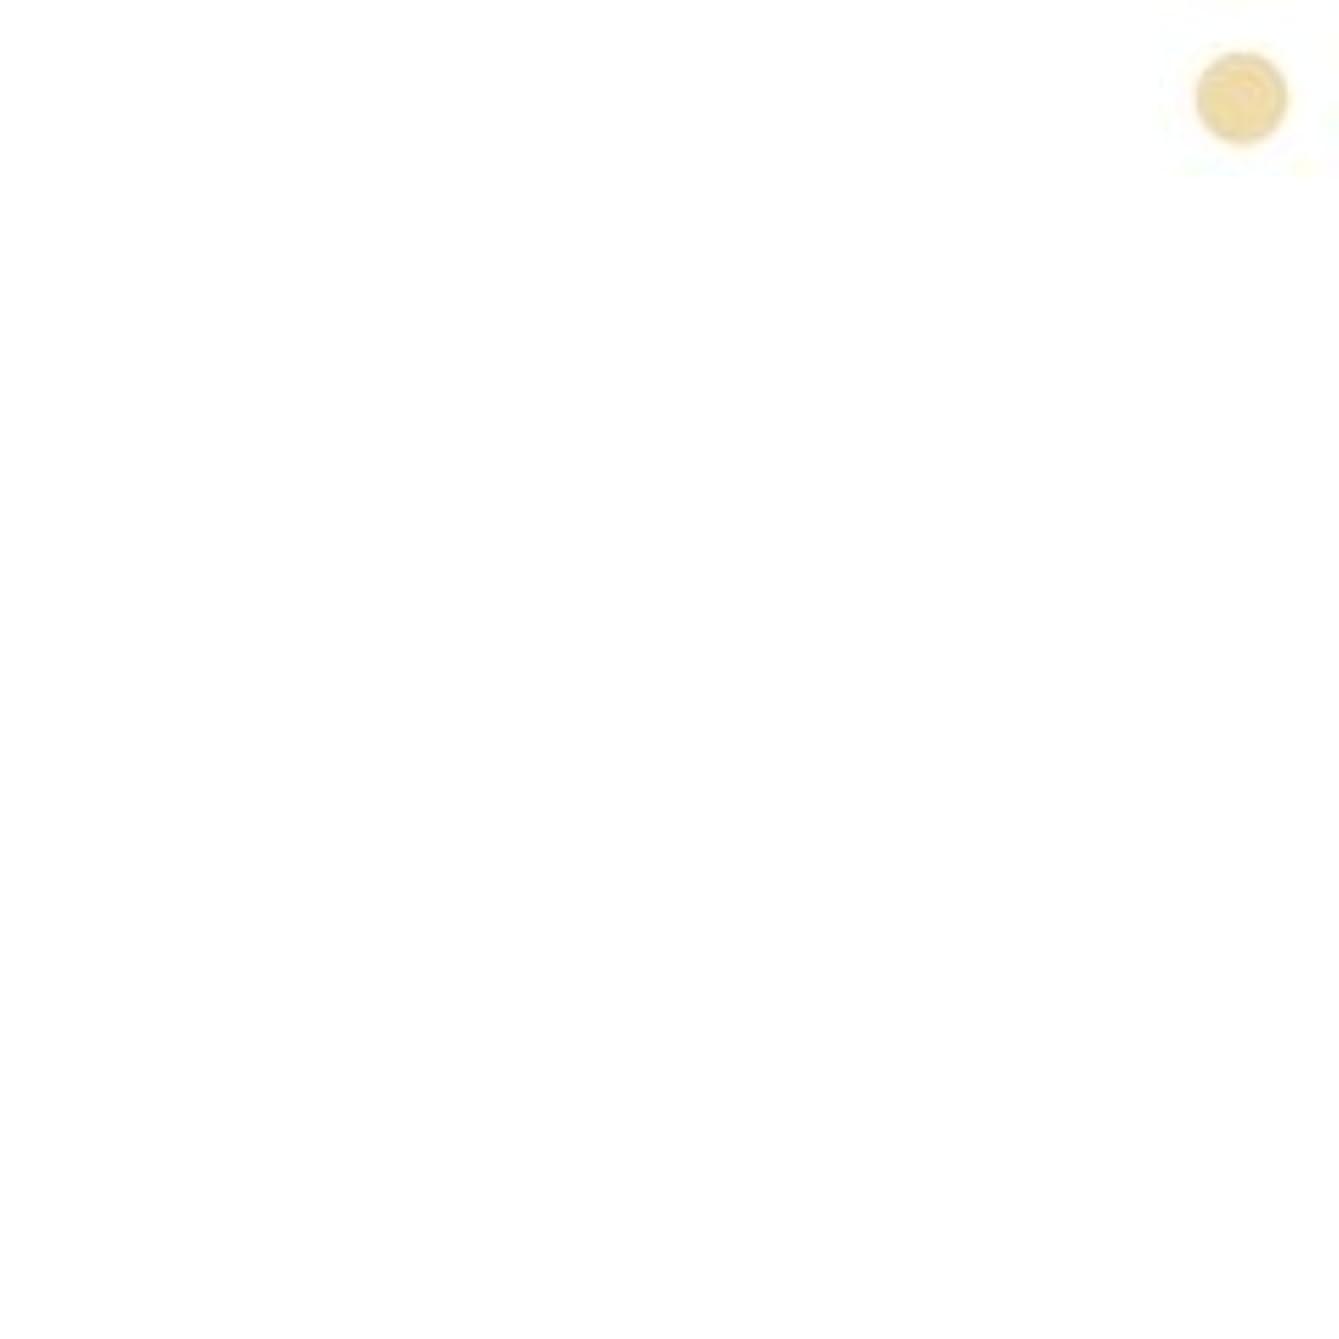 観点着る酔った【カバーマーク】ジャスミーカラー パウダリーファンデーション #BN20 (レフィル)